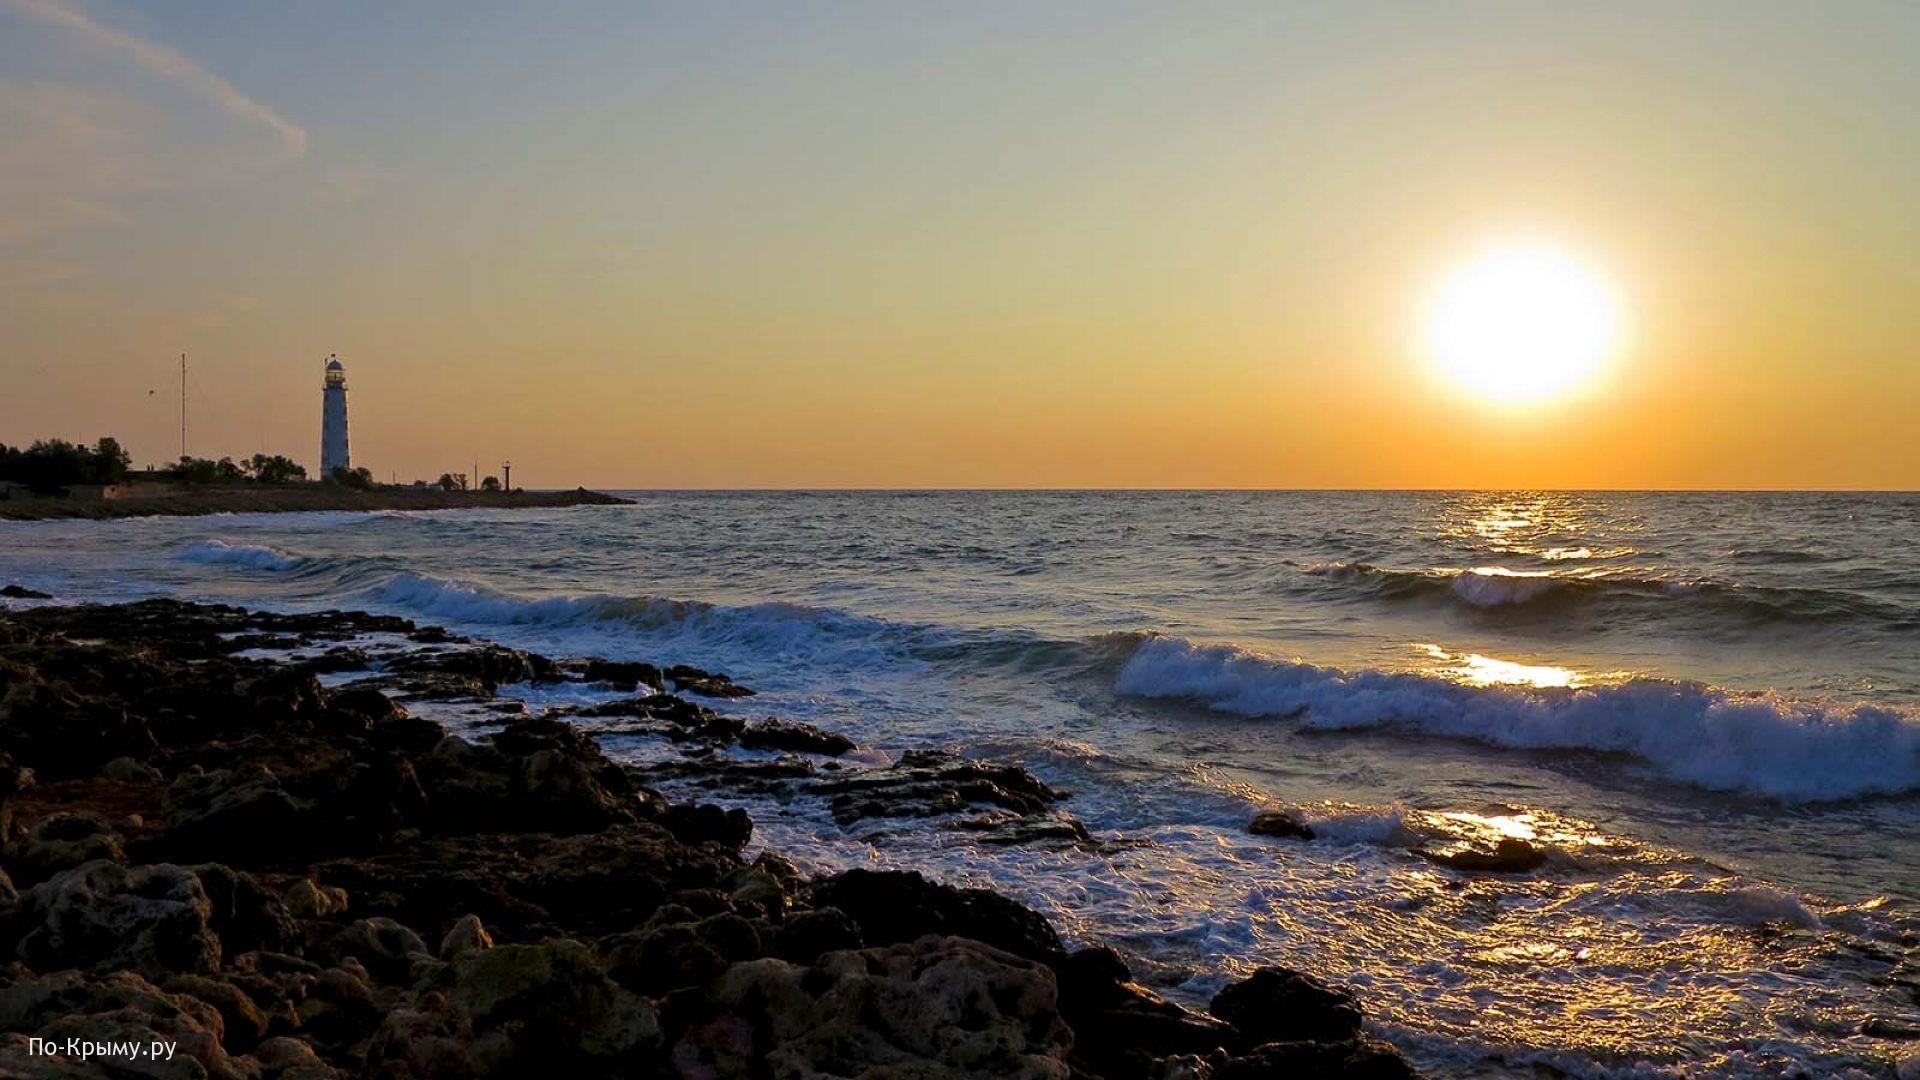 Дикие пляжи мыса Херсонес и бухты Фонари